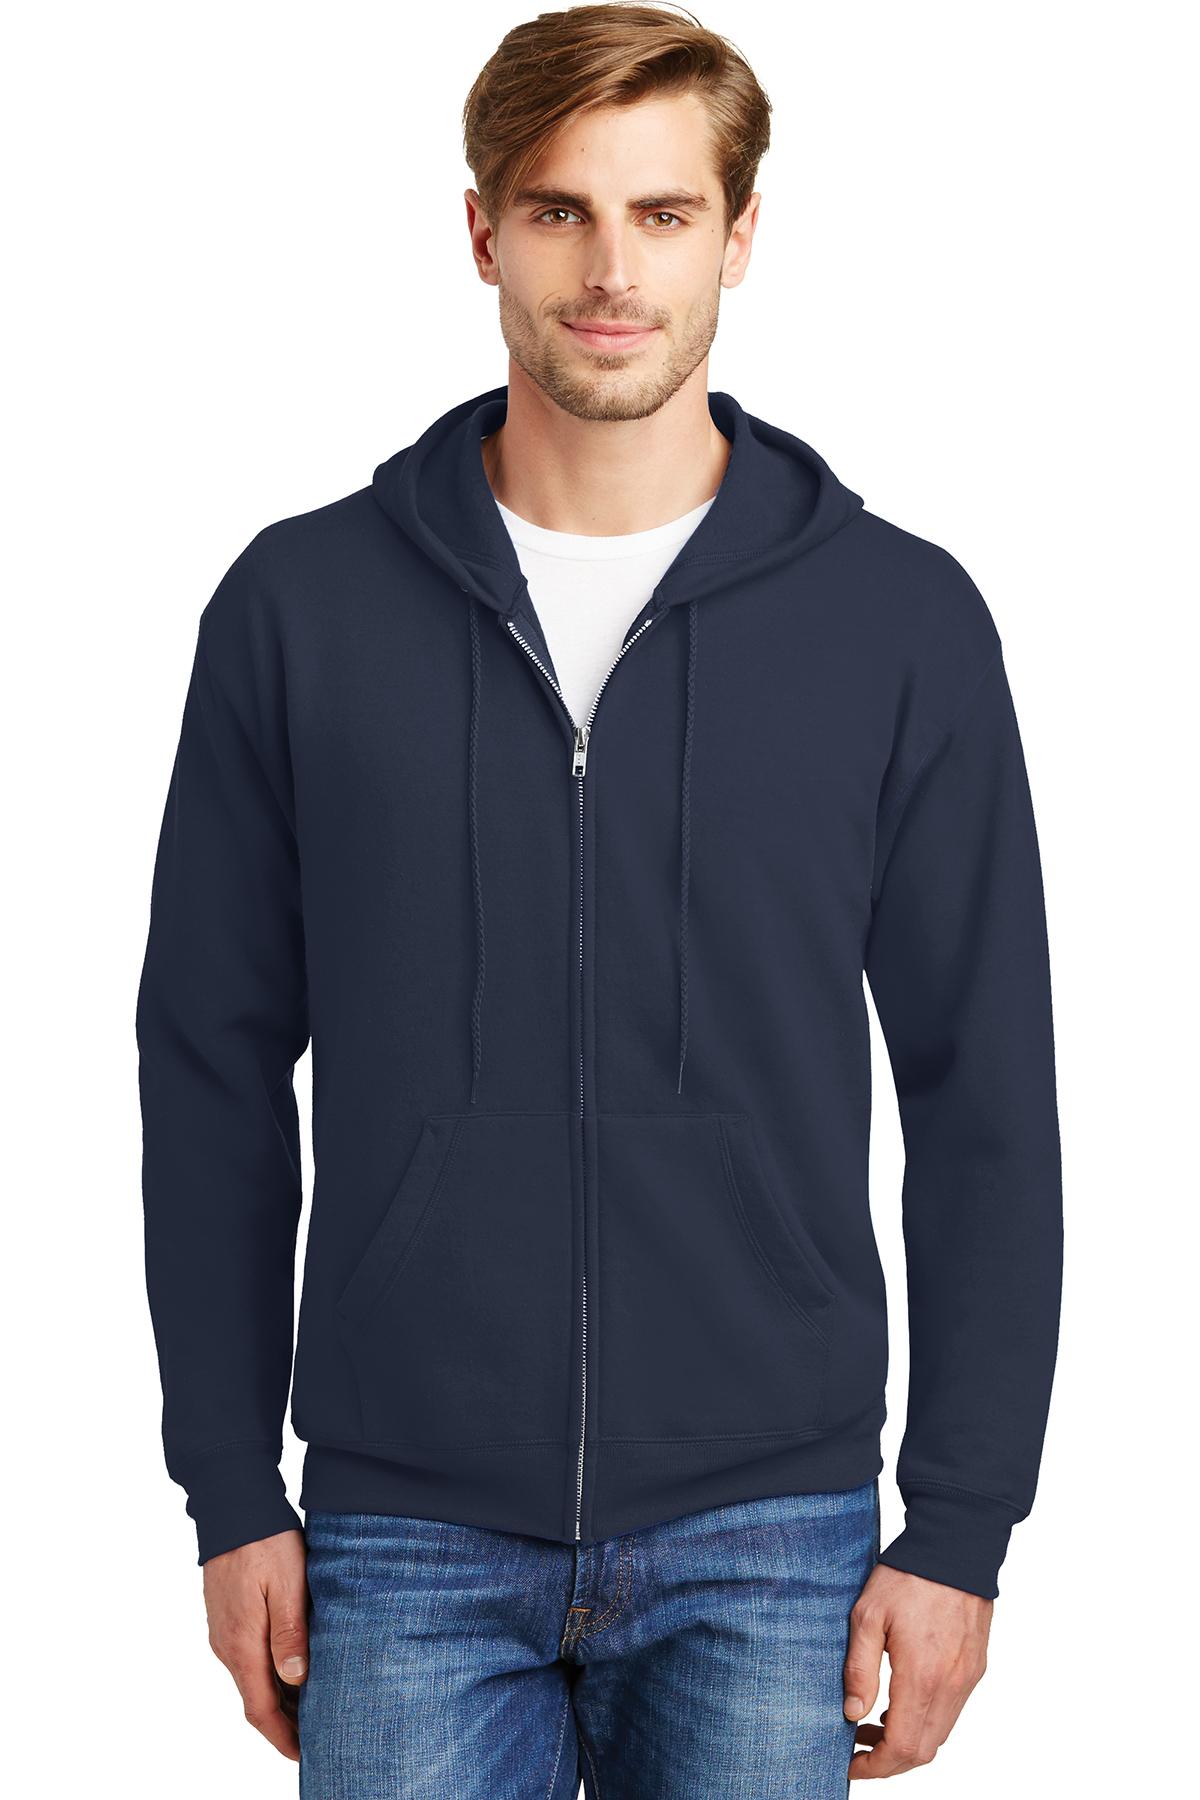 Hanes Ecosmart Full-Zip Hooded Sweatshirt P180